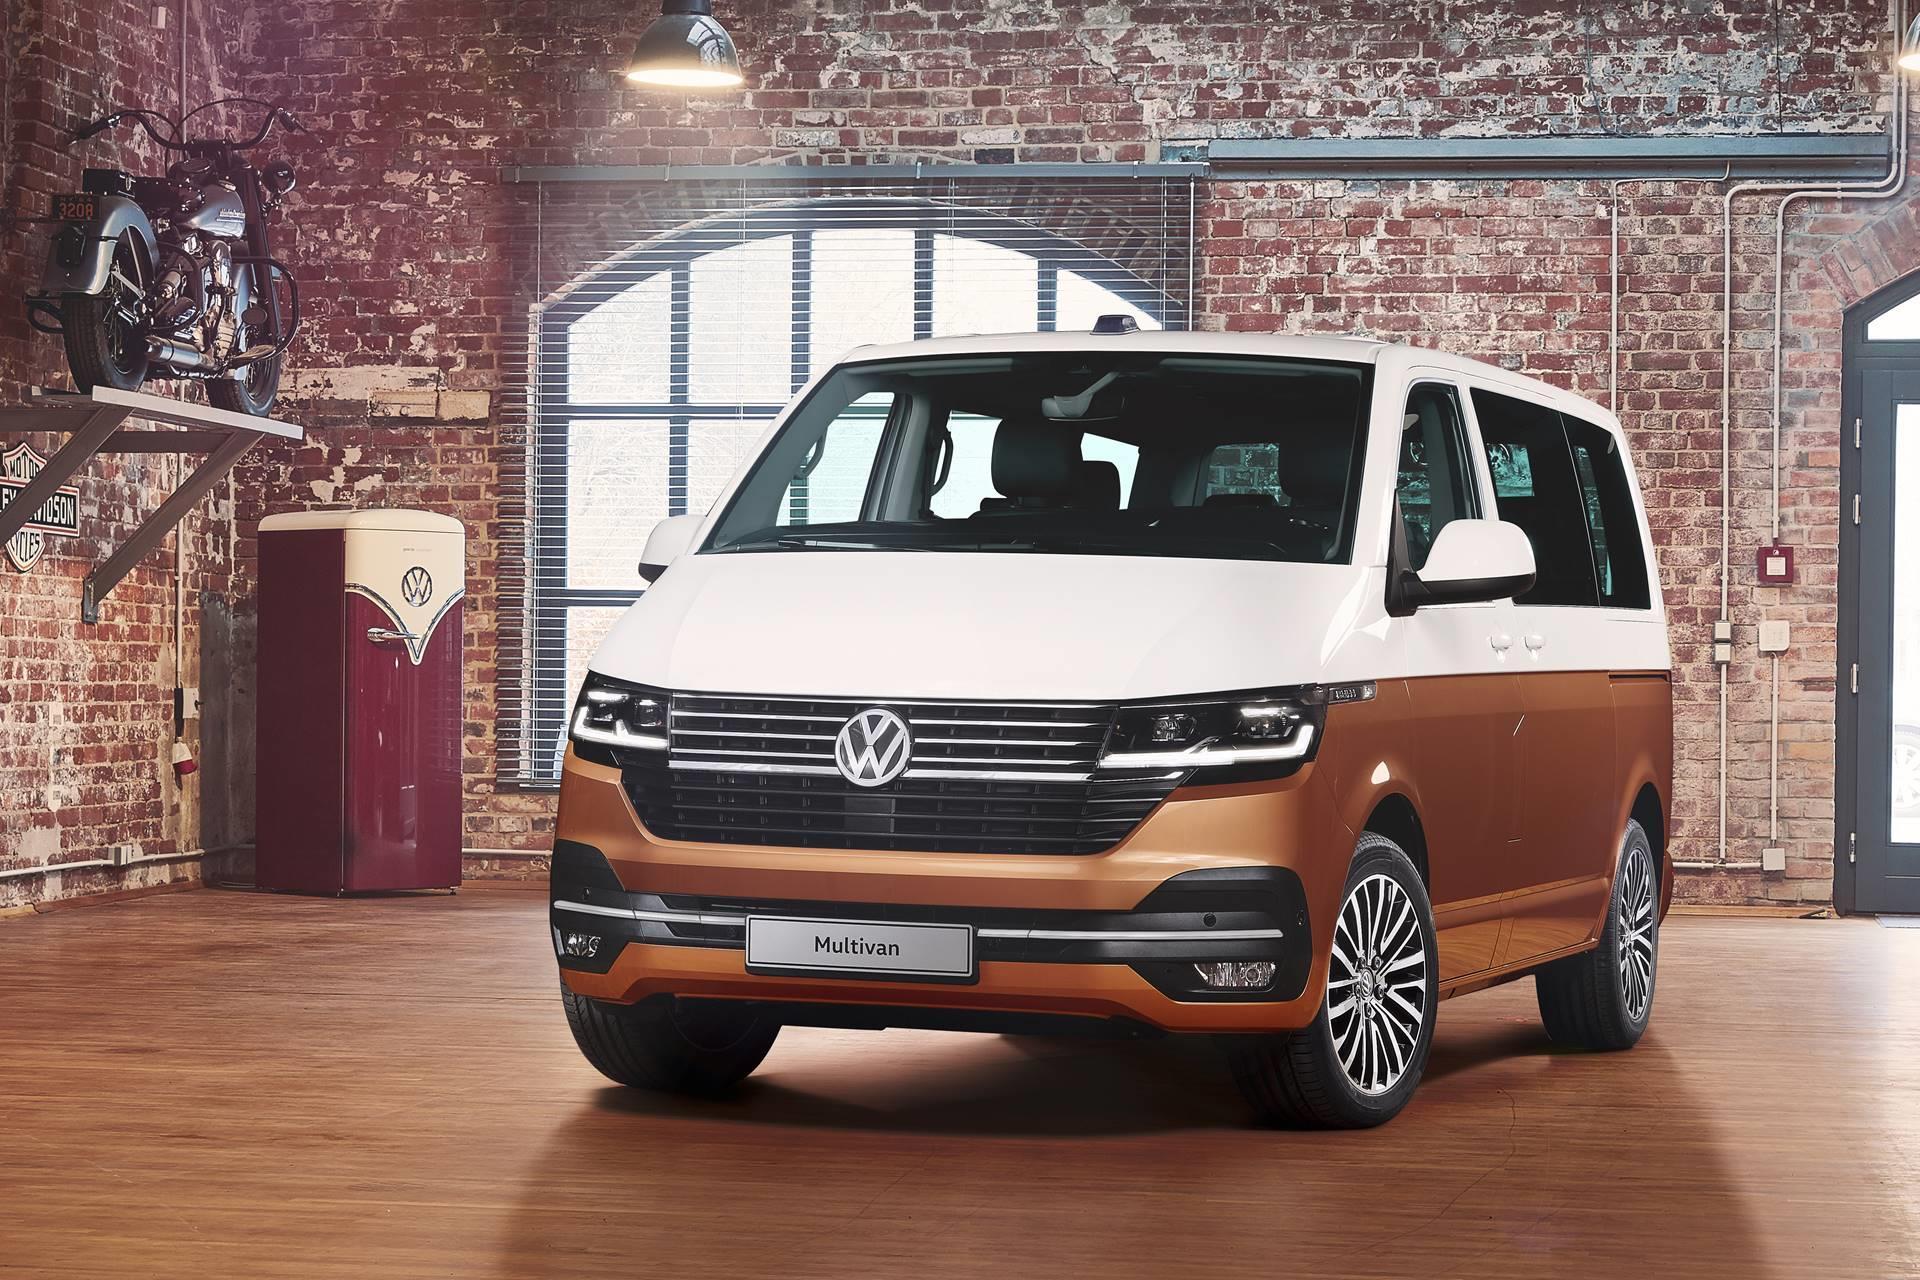 2019 Volkswagen Multivan T6 1 News And Information